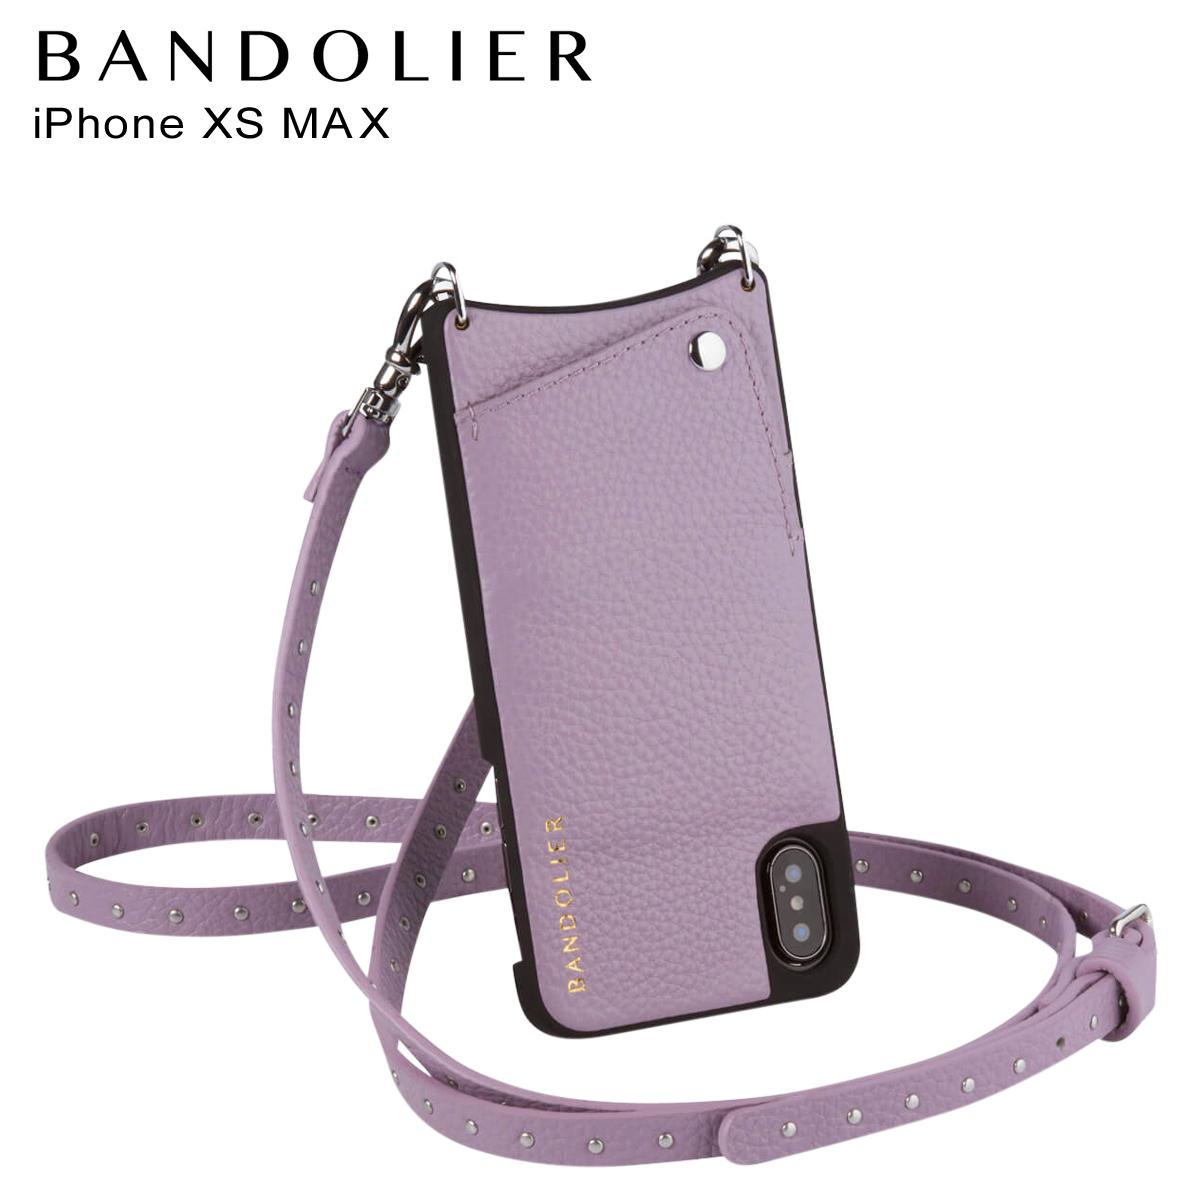 BANDOLIER iPhone XS MAX NICOLE LILAC バンドリヤー ケース ショルダー スマホ アイフォン レザー メンズ レディース ライラック 10NIC1001